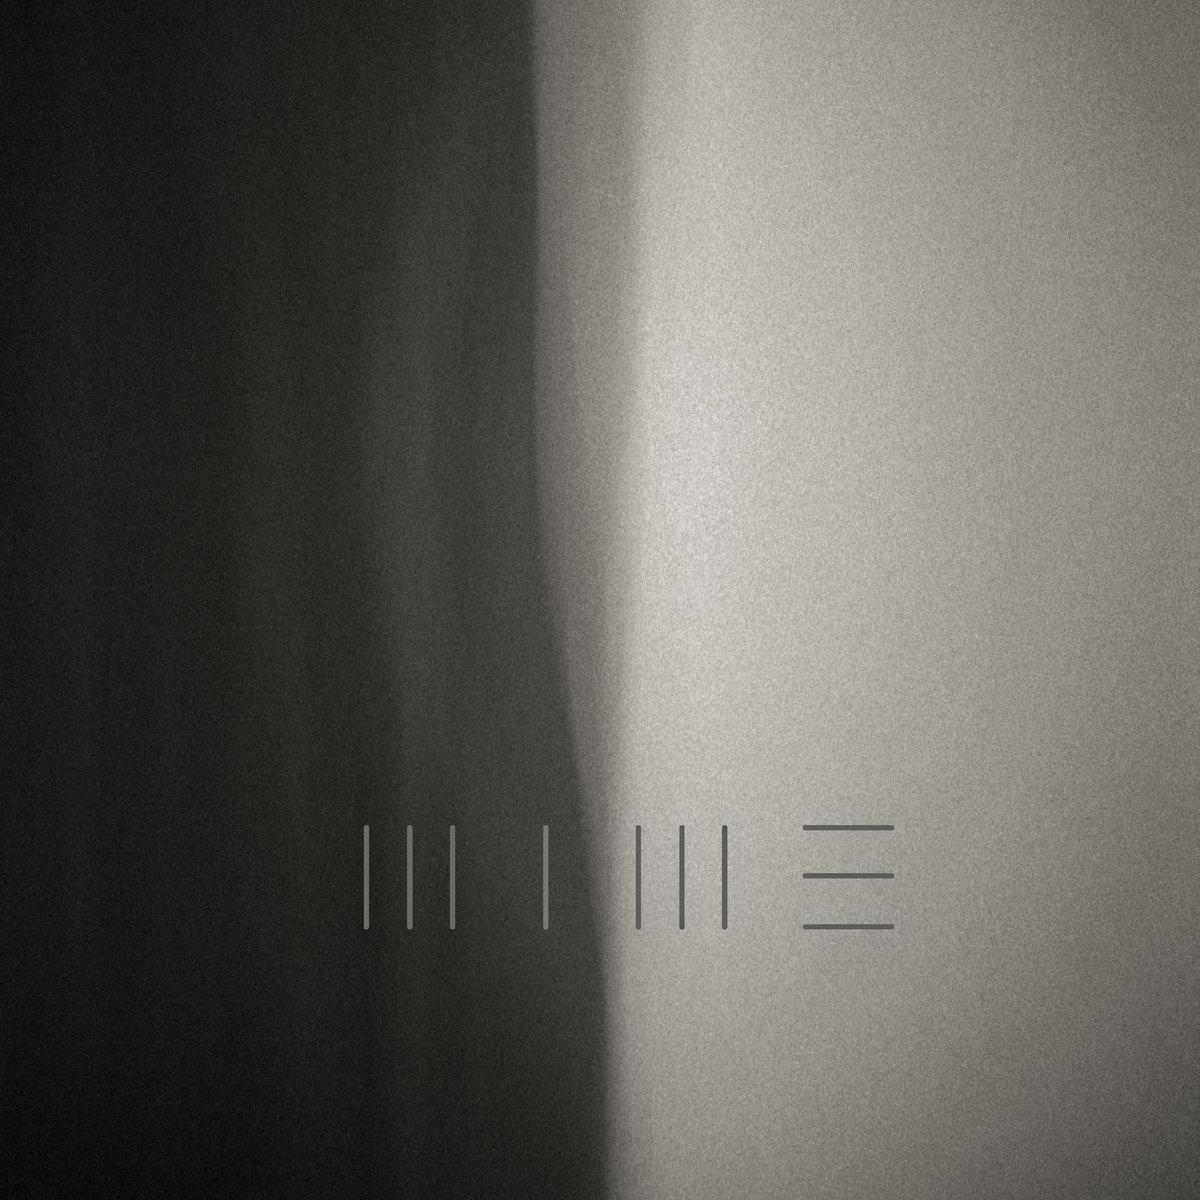 Skan ft. M. I. M. E mia khalifa youtube.